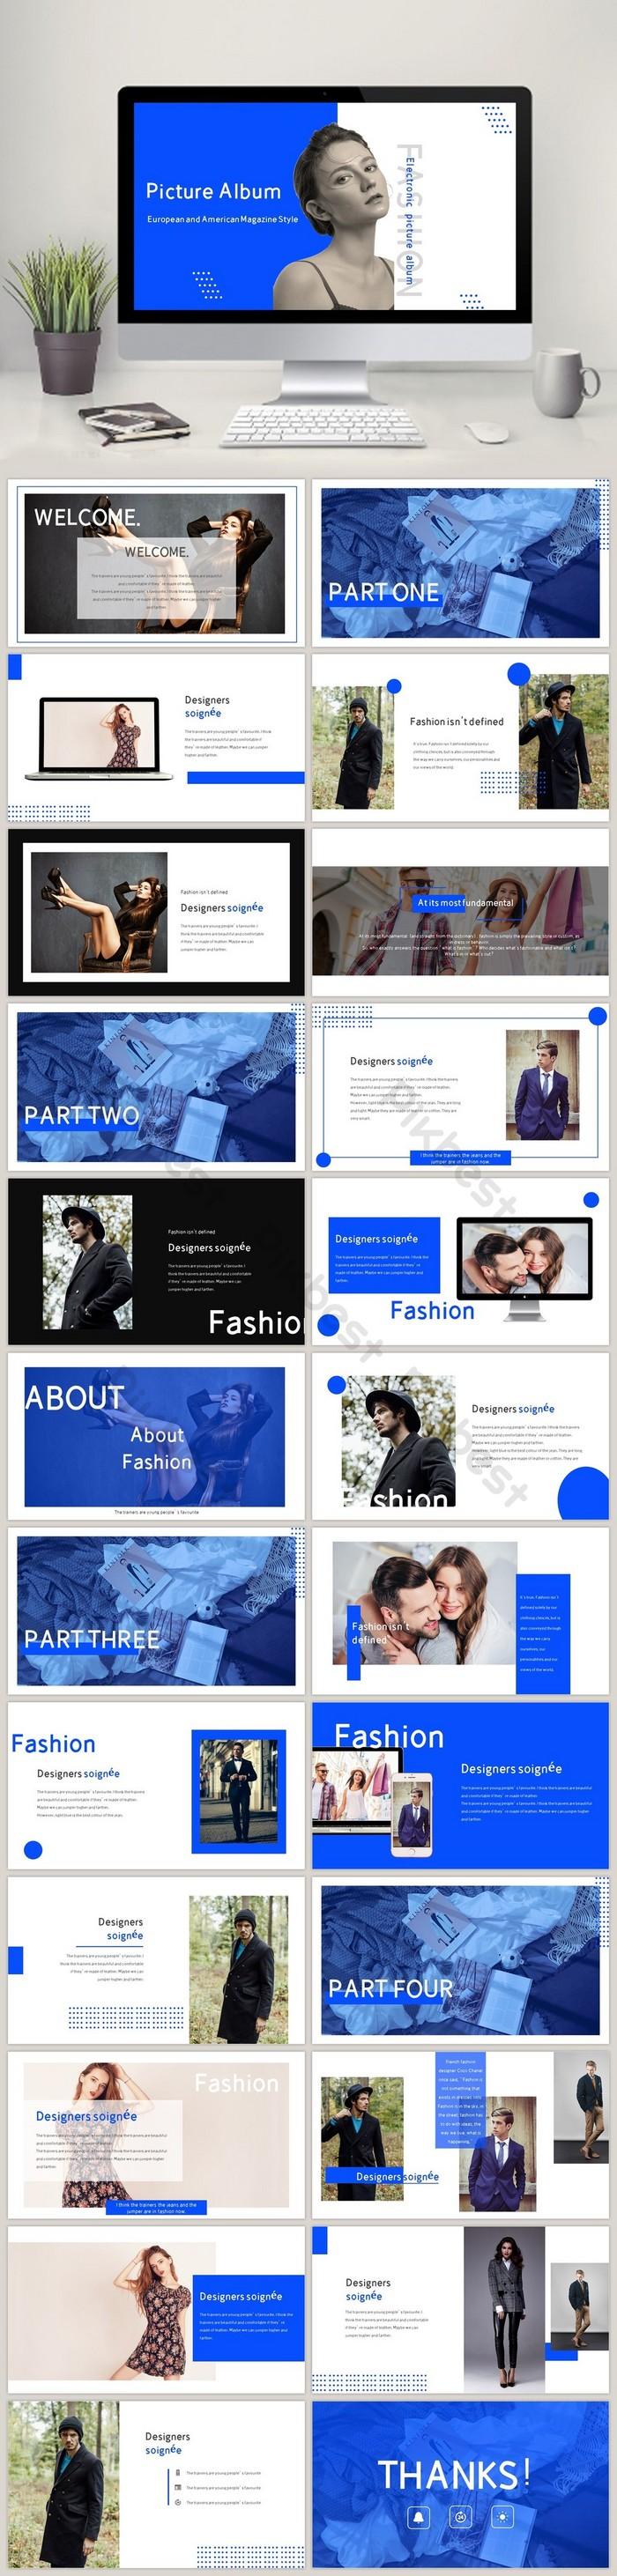 時尚歐美雜誌風文藝畫冊PPT模板| PPTX PowerPoint素材免費下載 - Pikbest